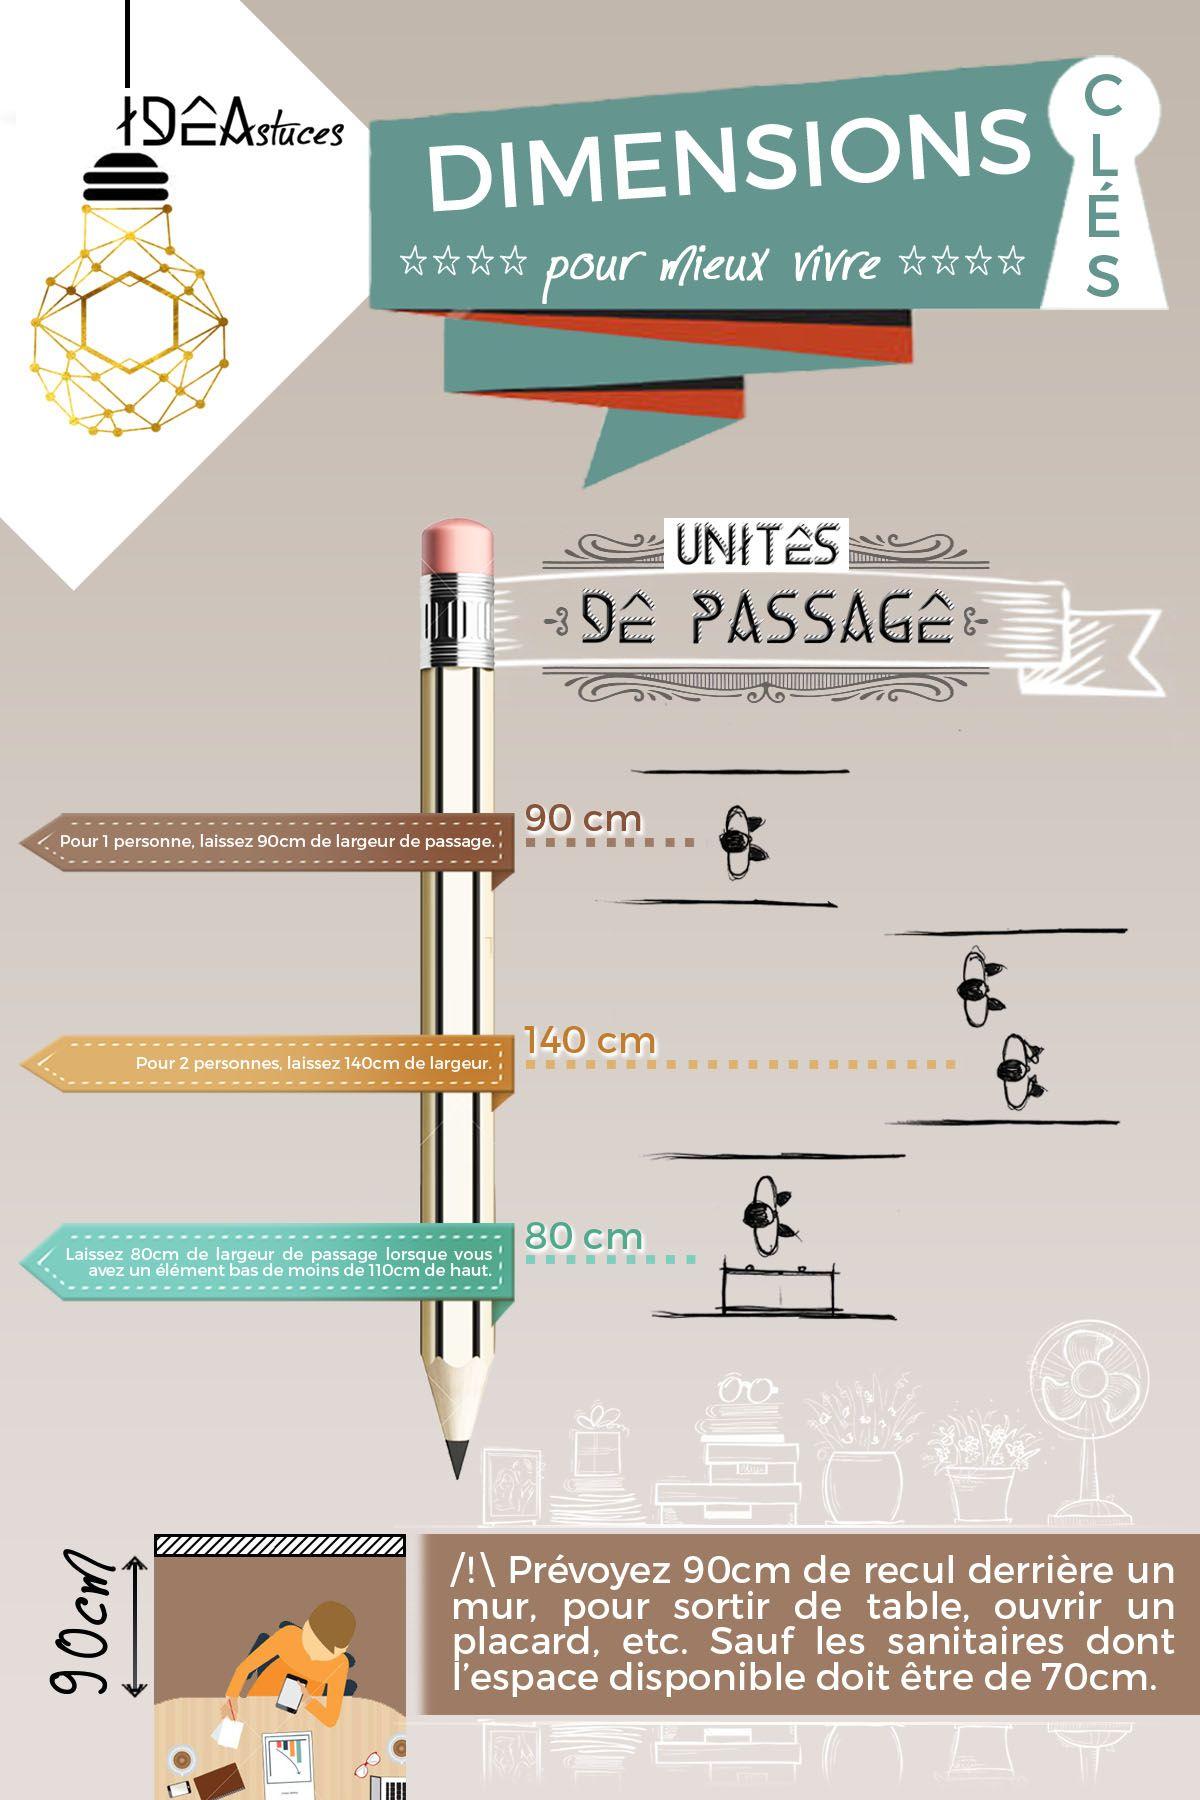 Dimension D Un Placard Standard ideastuce! dimensions pour mieux vivre unités de passage